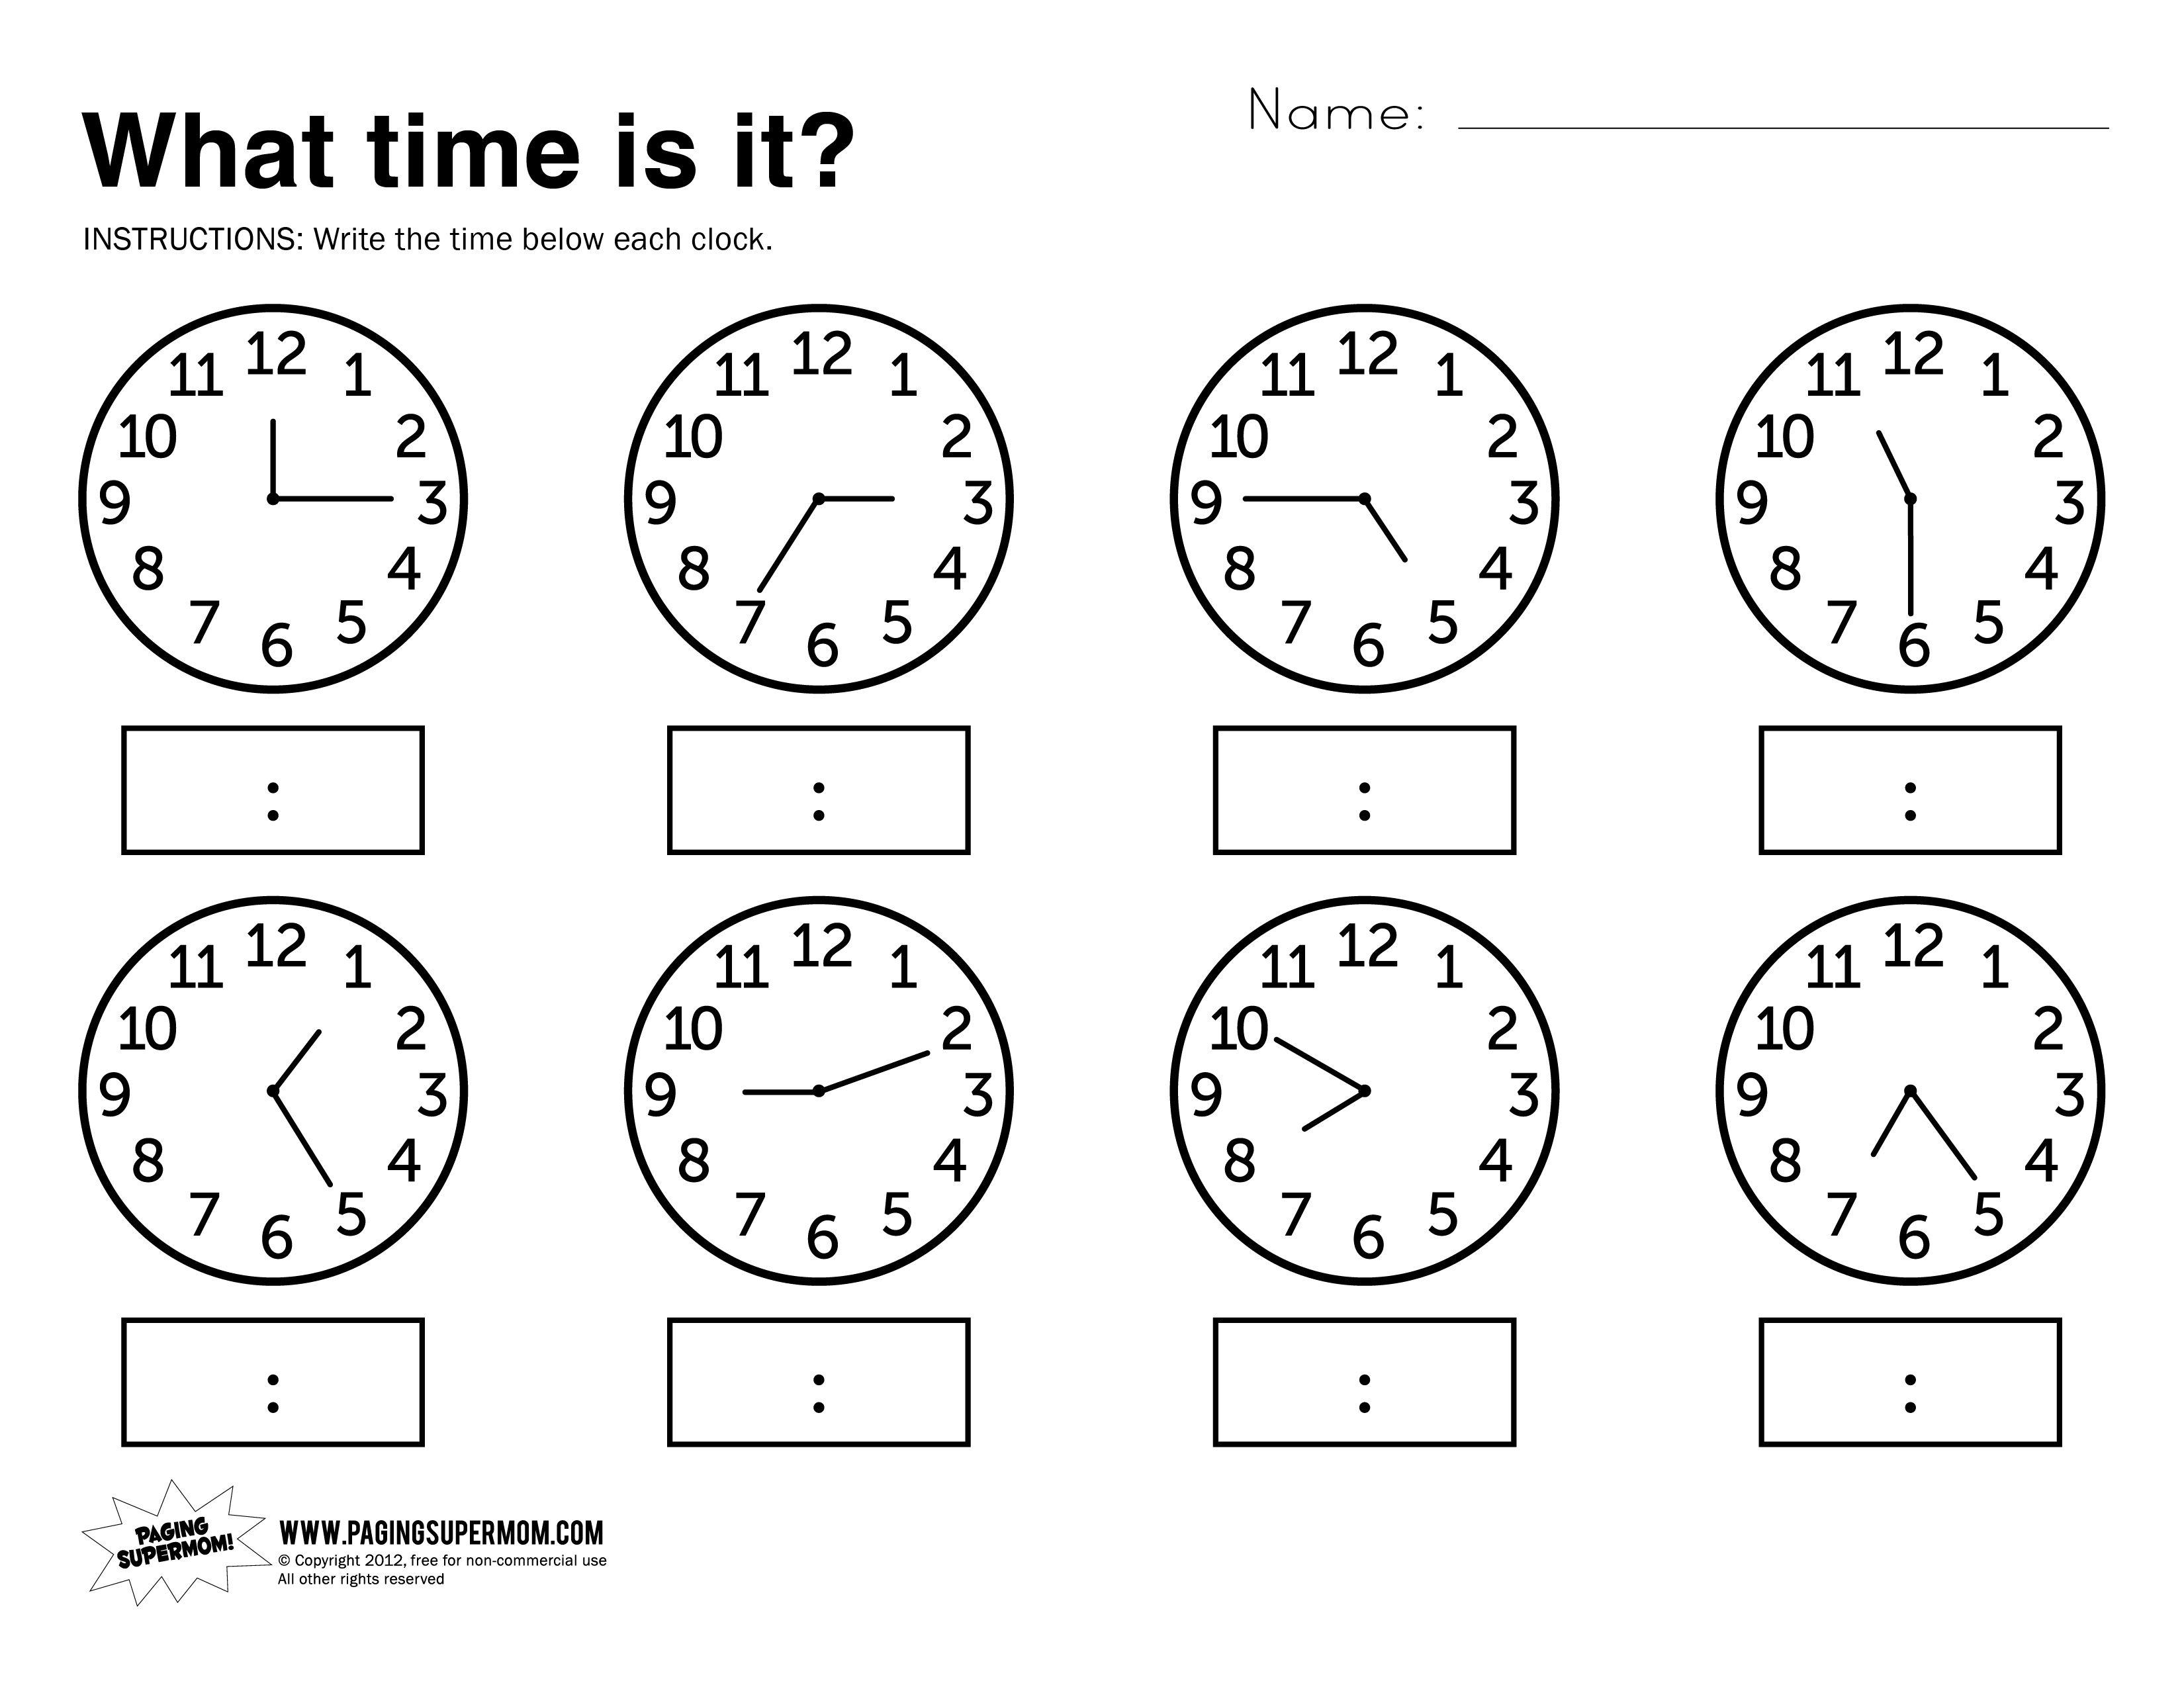 What Time Is It Printable Worksheet - Free Printable Worksheets